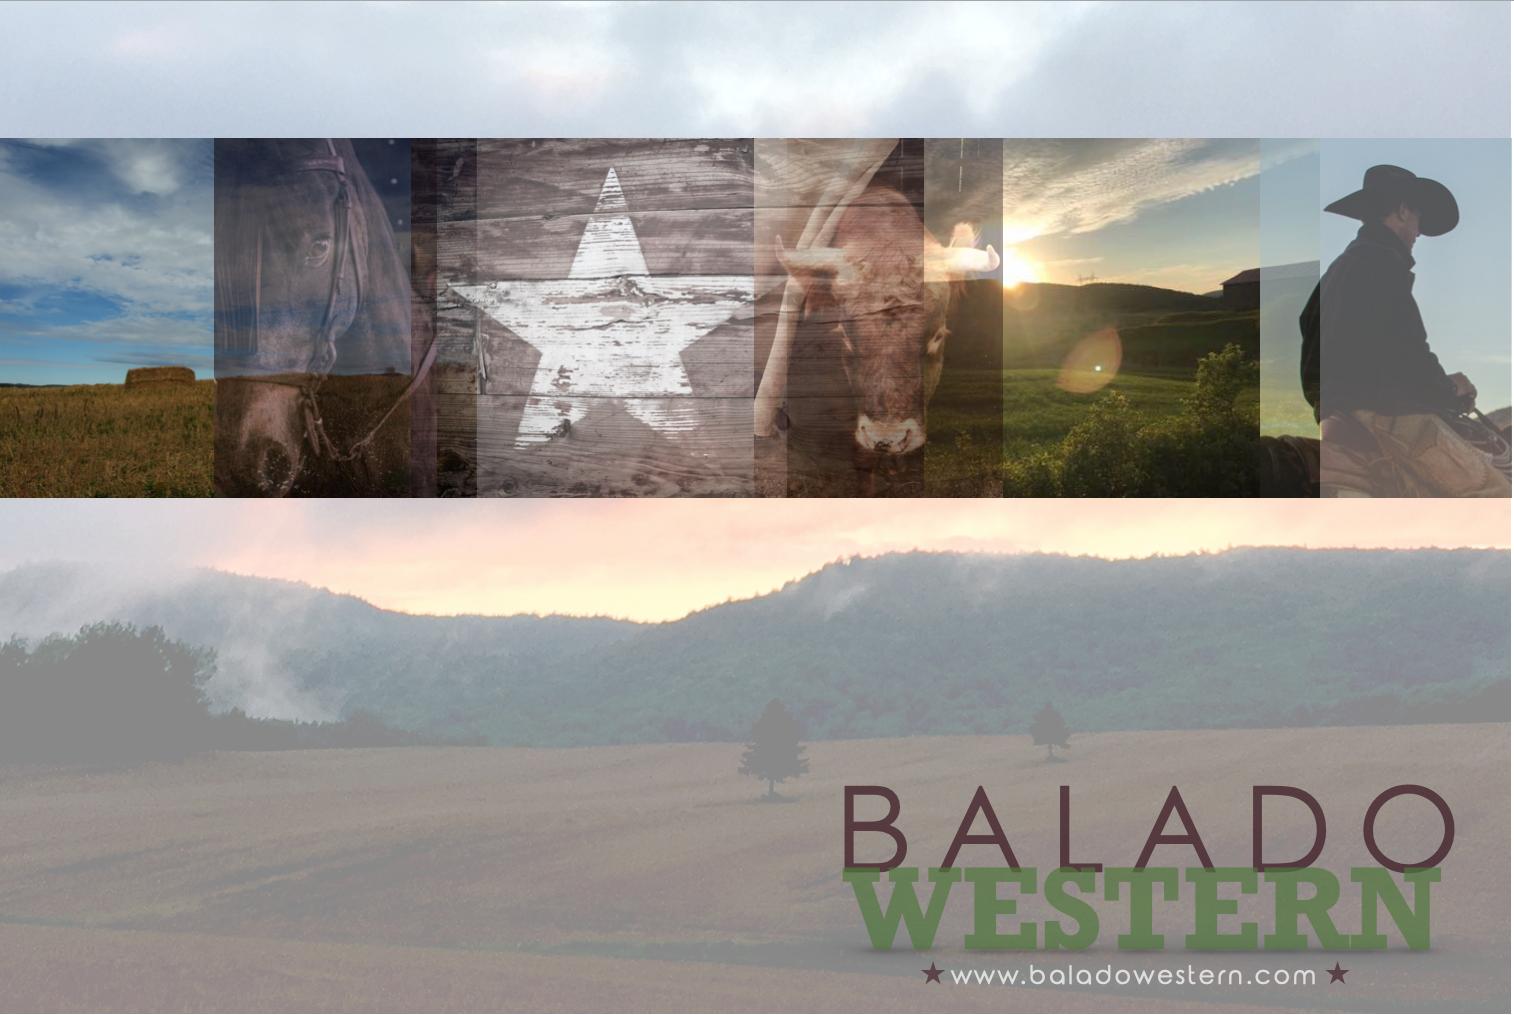 Balado Western